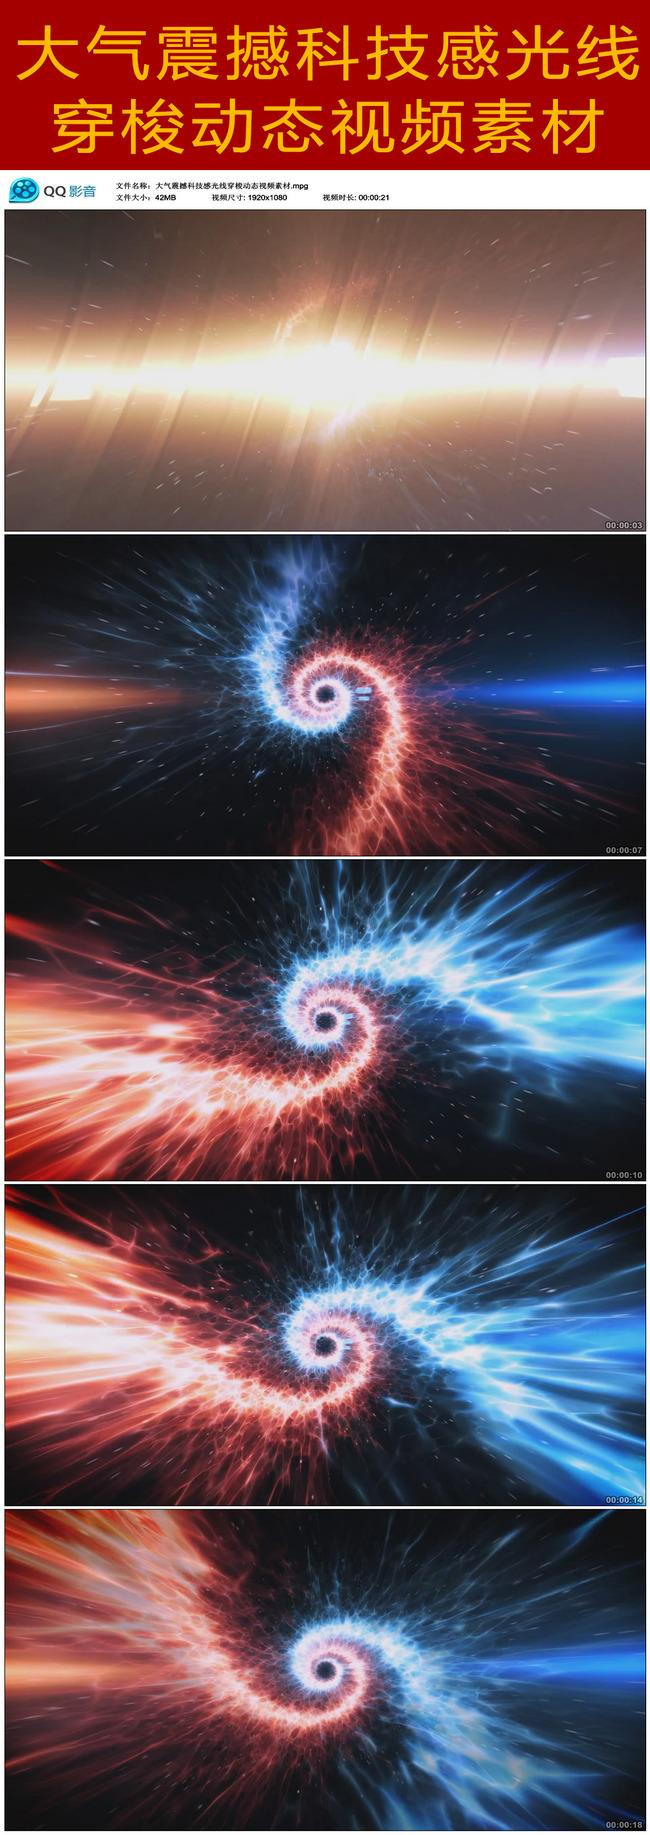 大气震撼科技感光线穿梭动态视频素材模板下载(图片:)